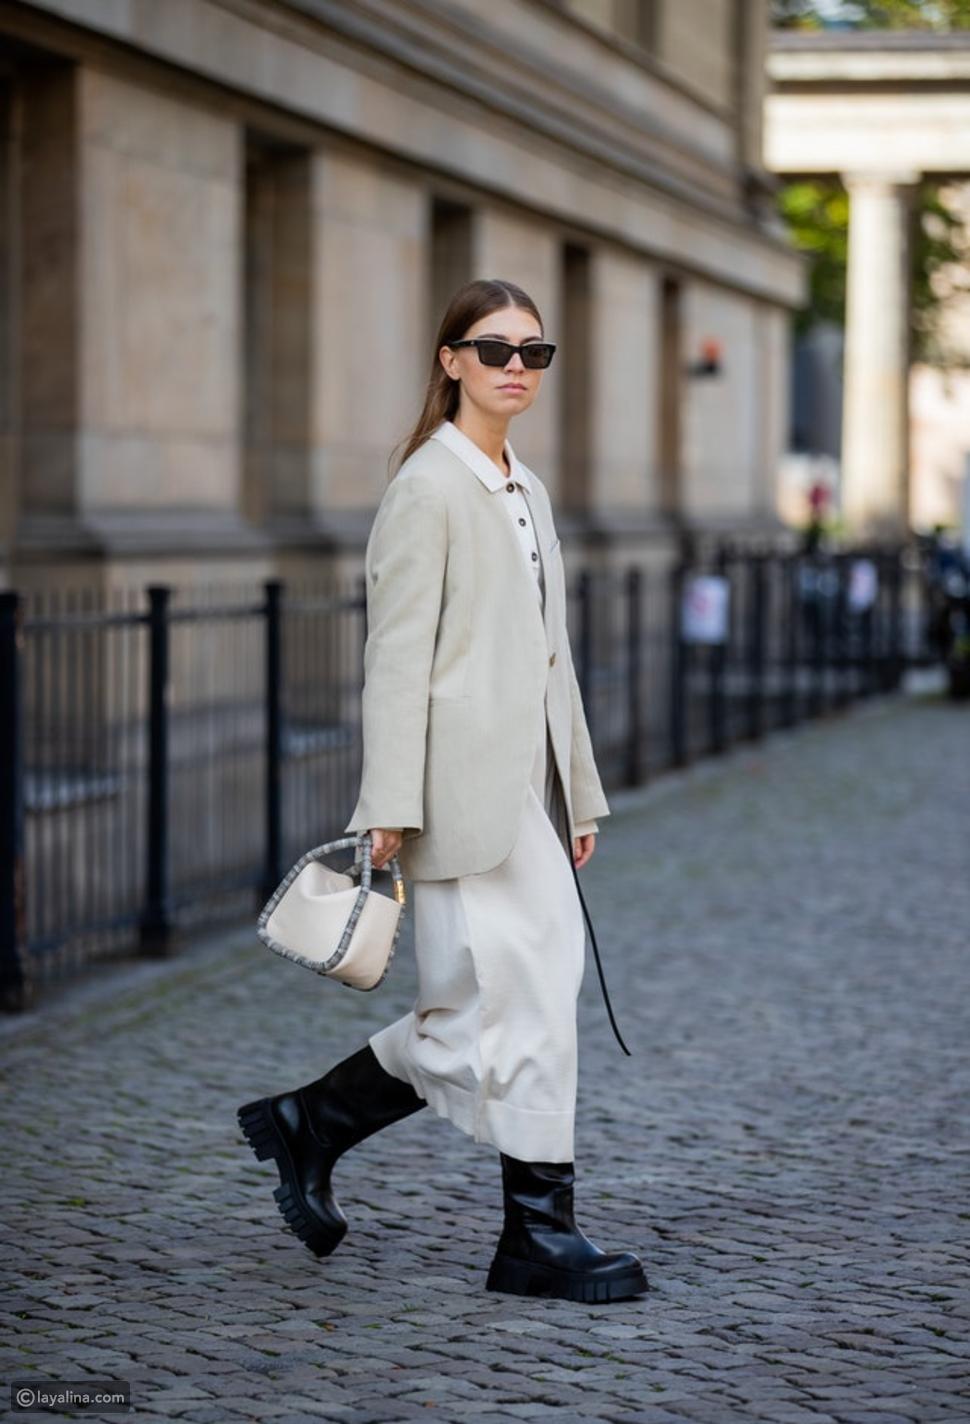 كيف ترتدين الفستان المحبوم مع الأحذية الشتوية والجاكيت